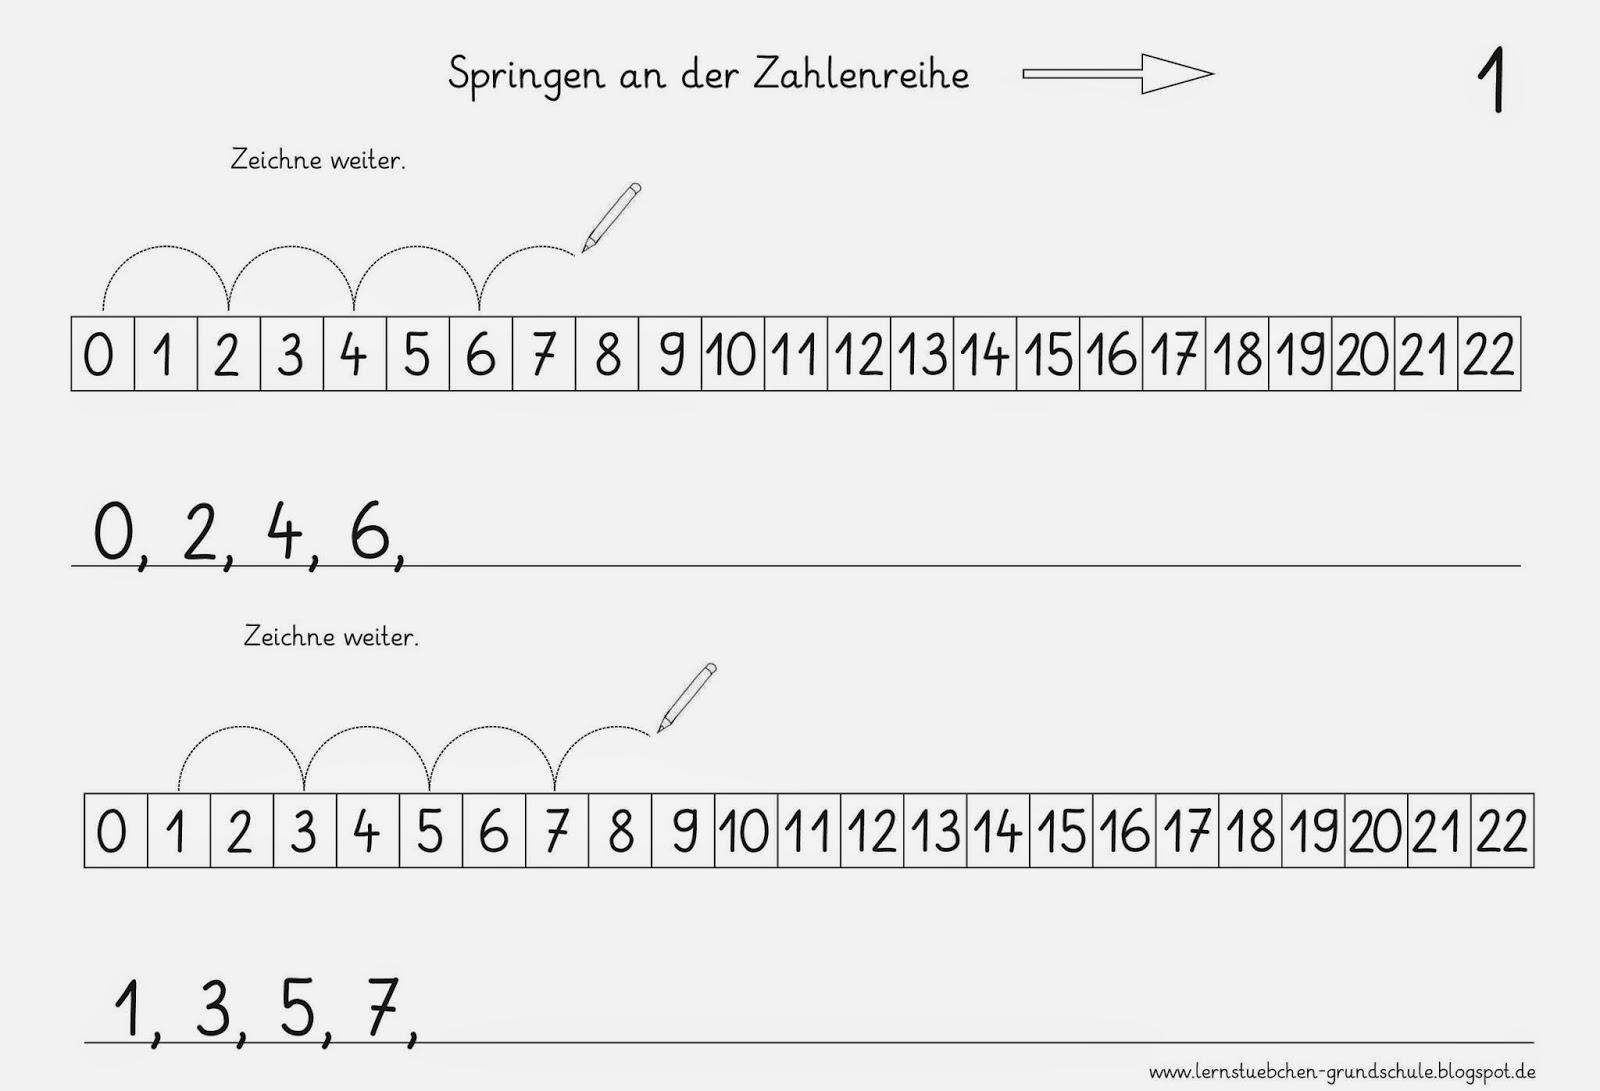 Lernstübchen: Zählen in Schritten